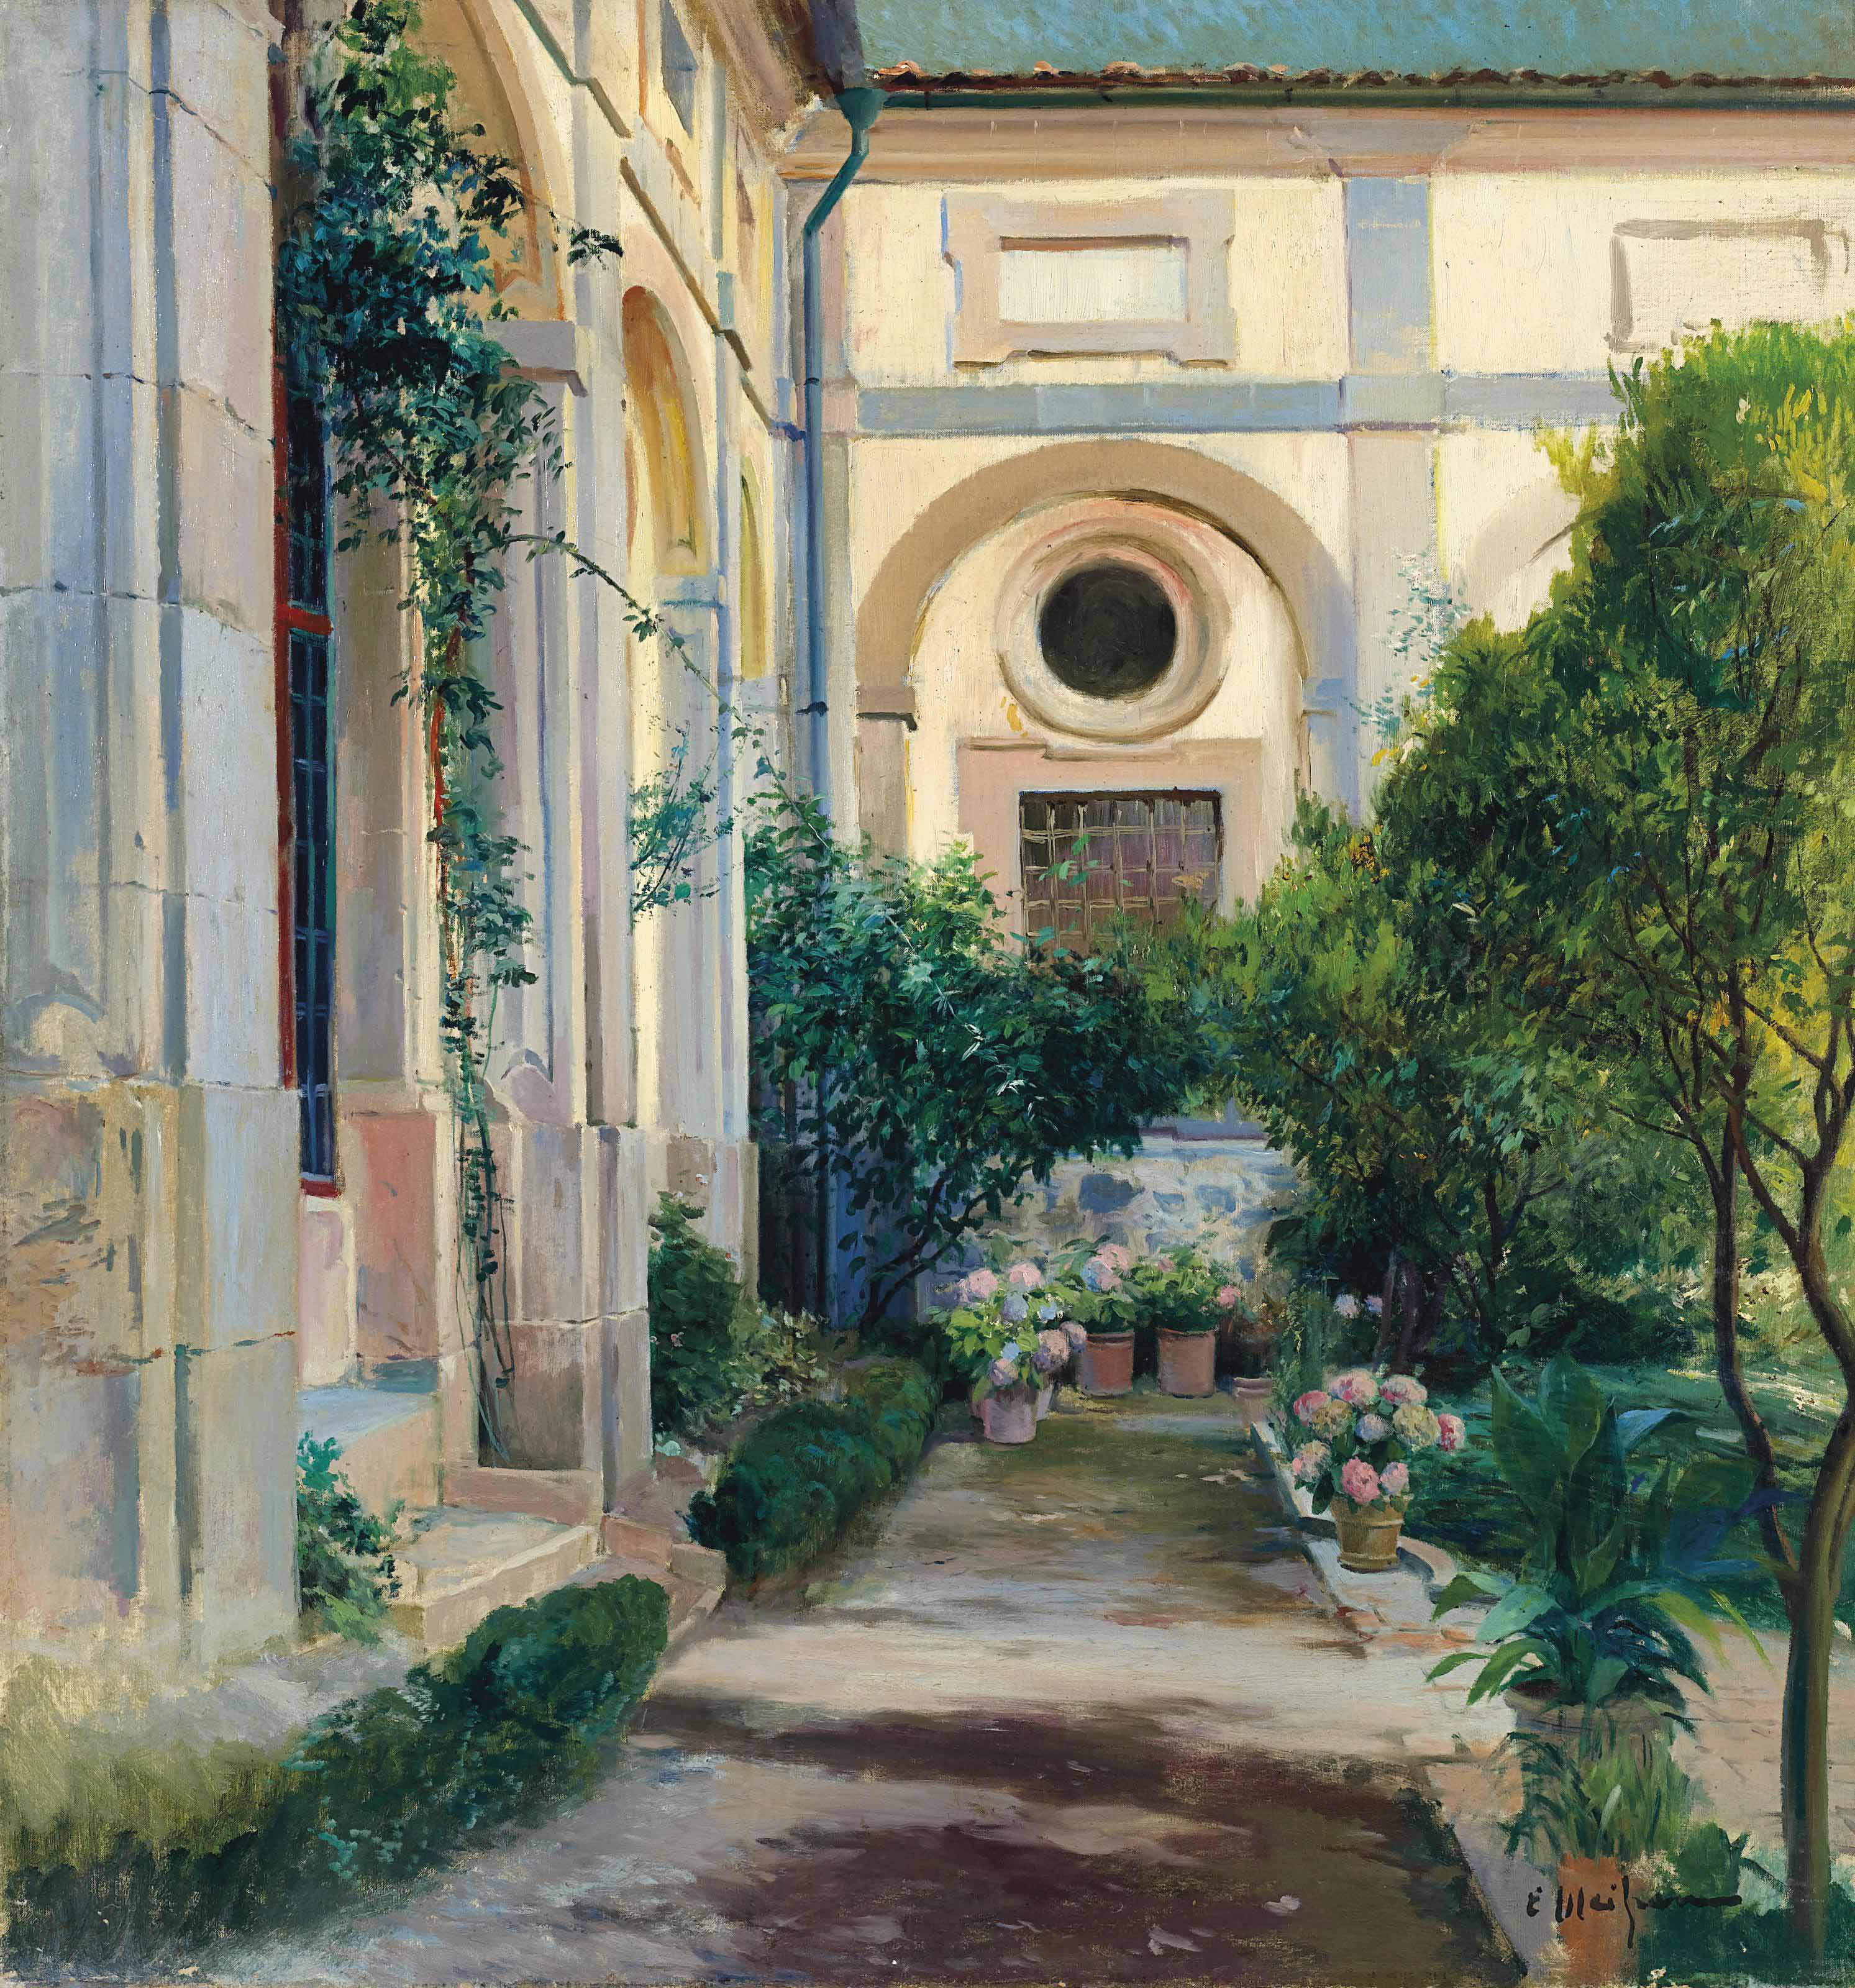 The courtyard garden